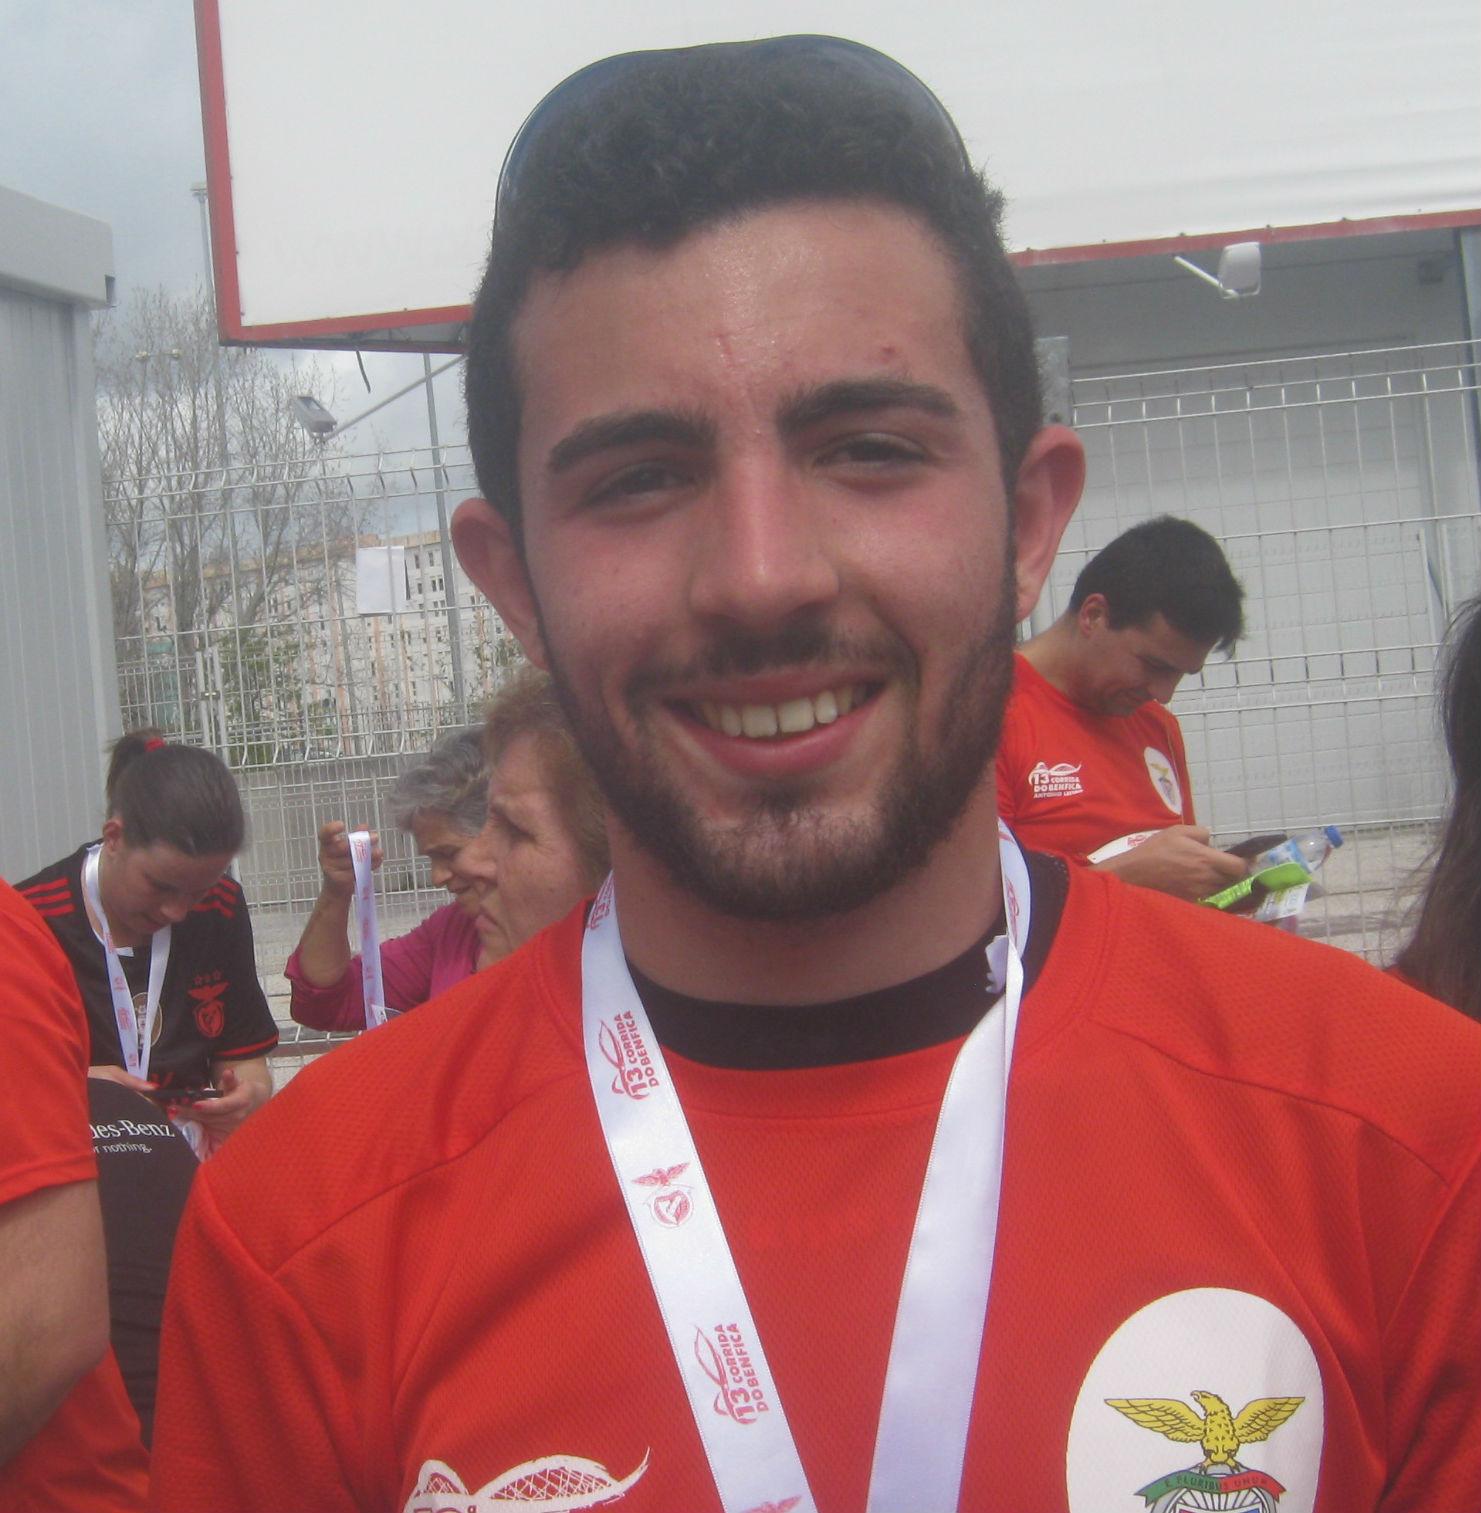 Corrida do Benfica2018-Tiago Mateus